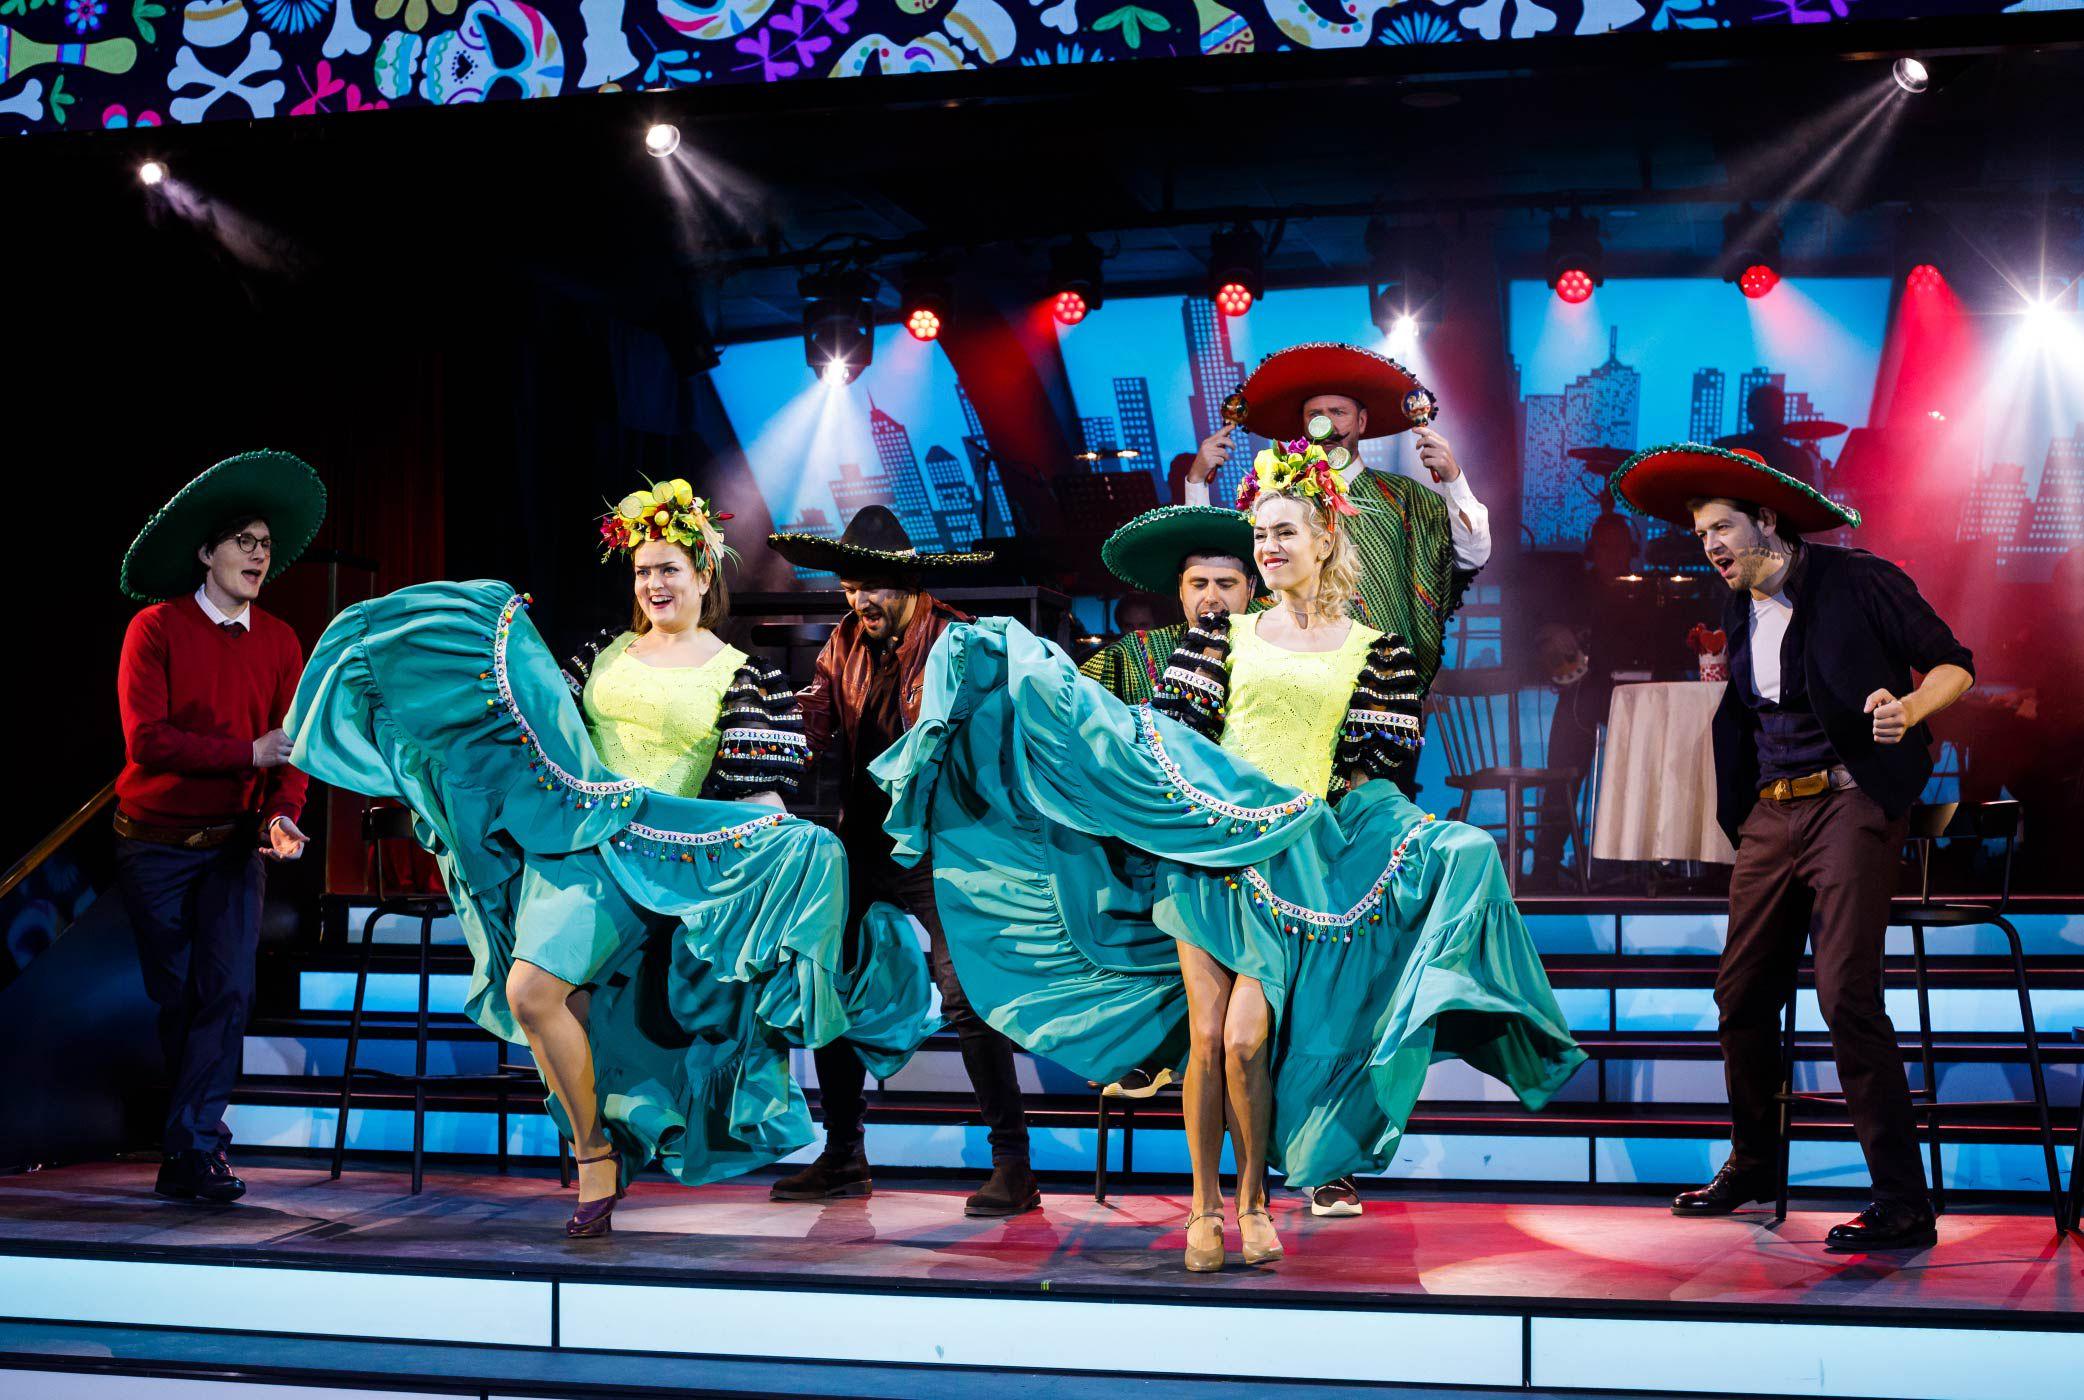 Мюзикл за столиками «День влюблённых» в Театре МДМ фото 2